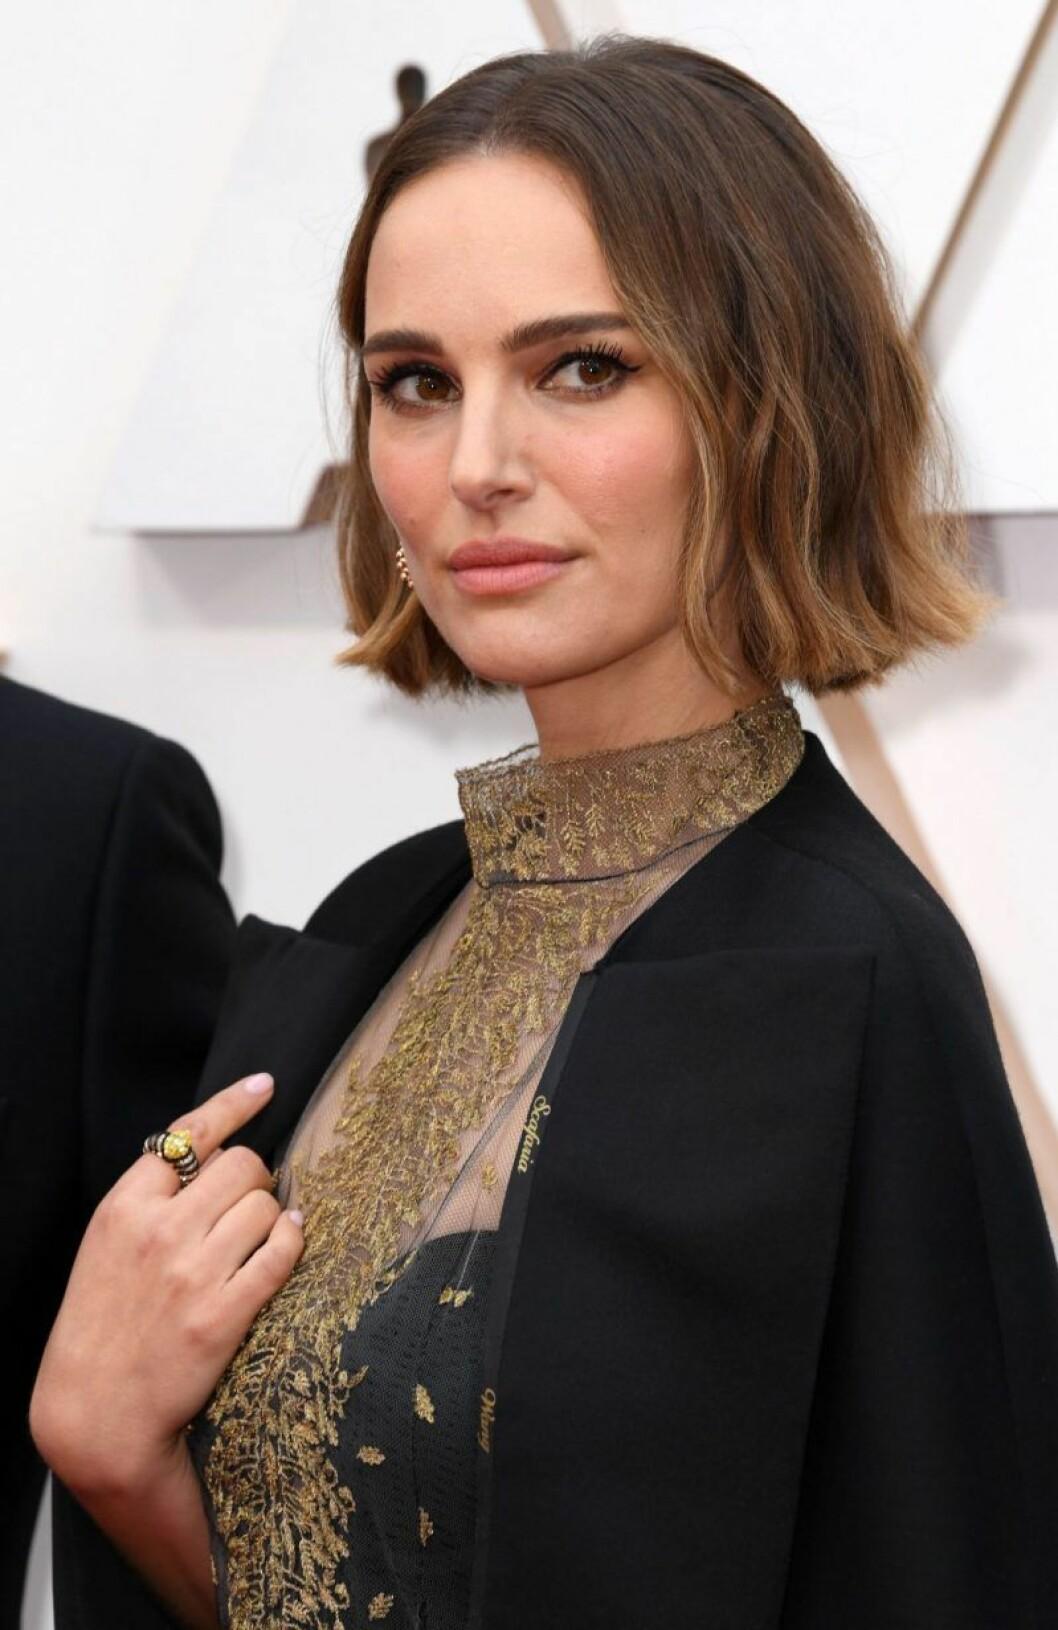 Natalie Portman i svart kappa